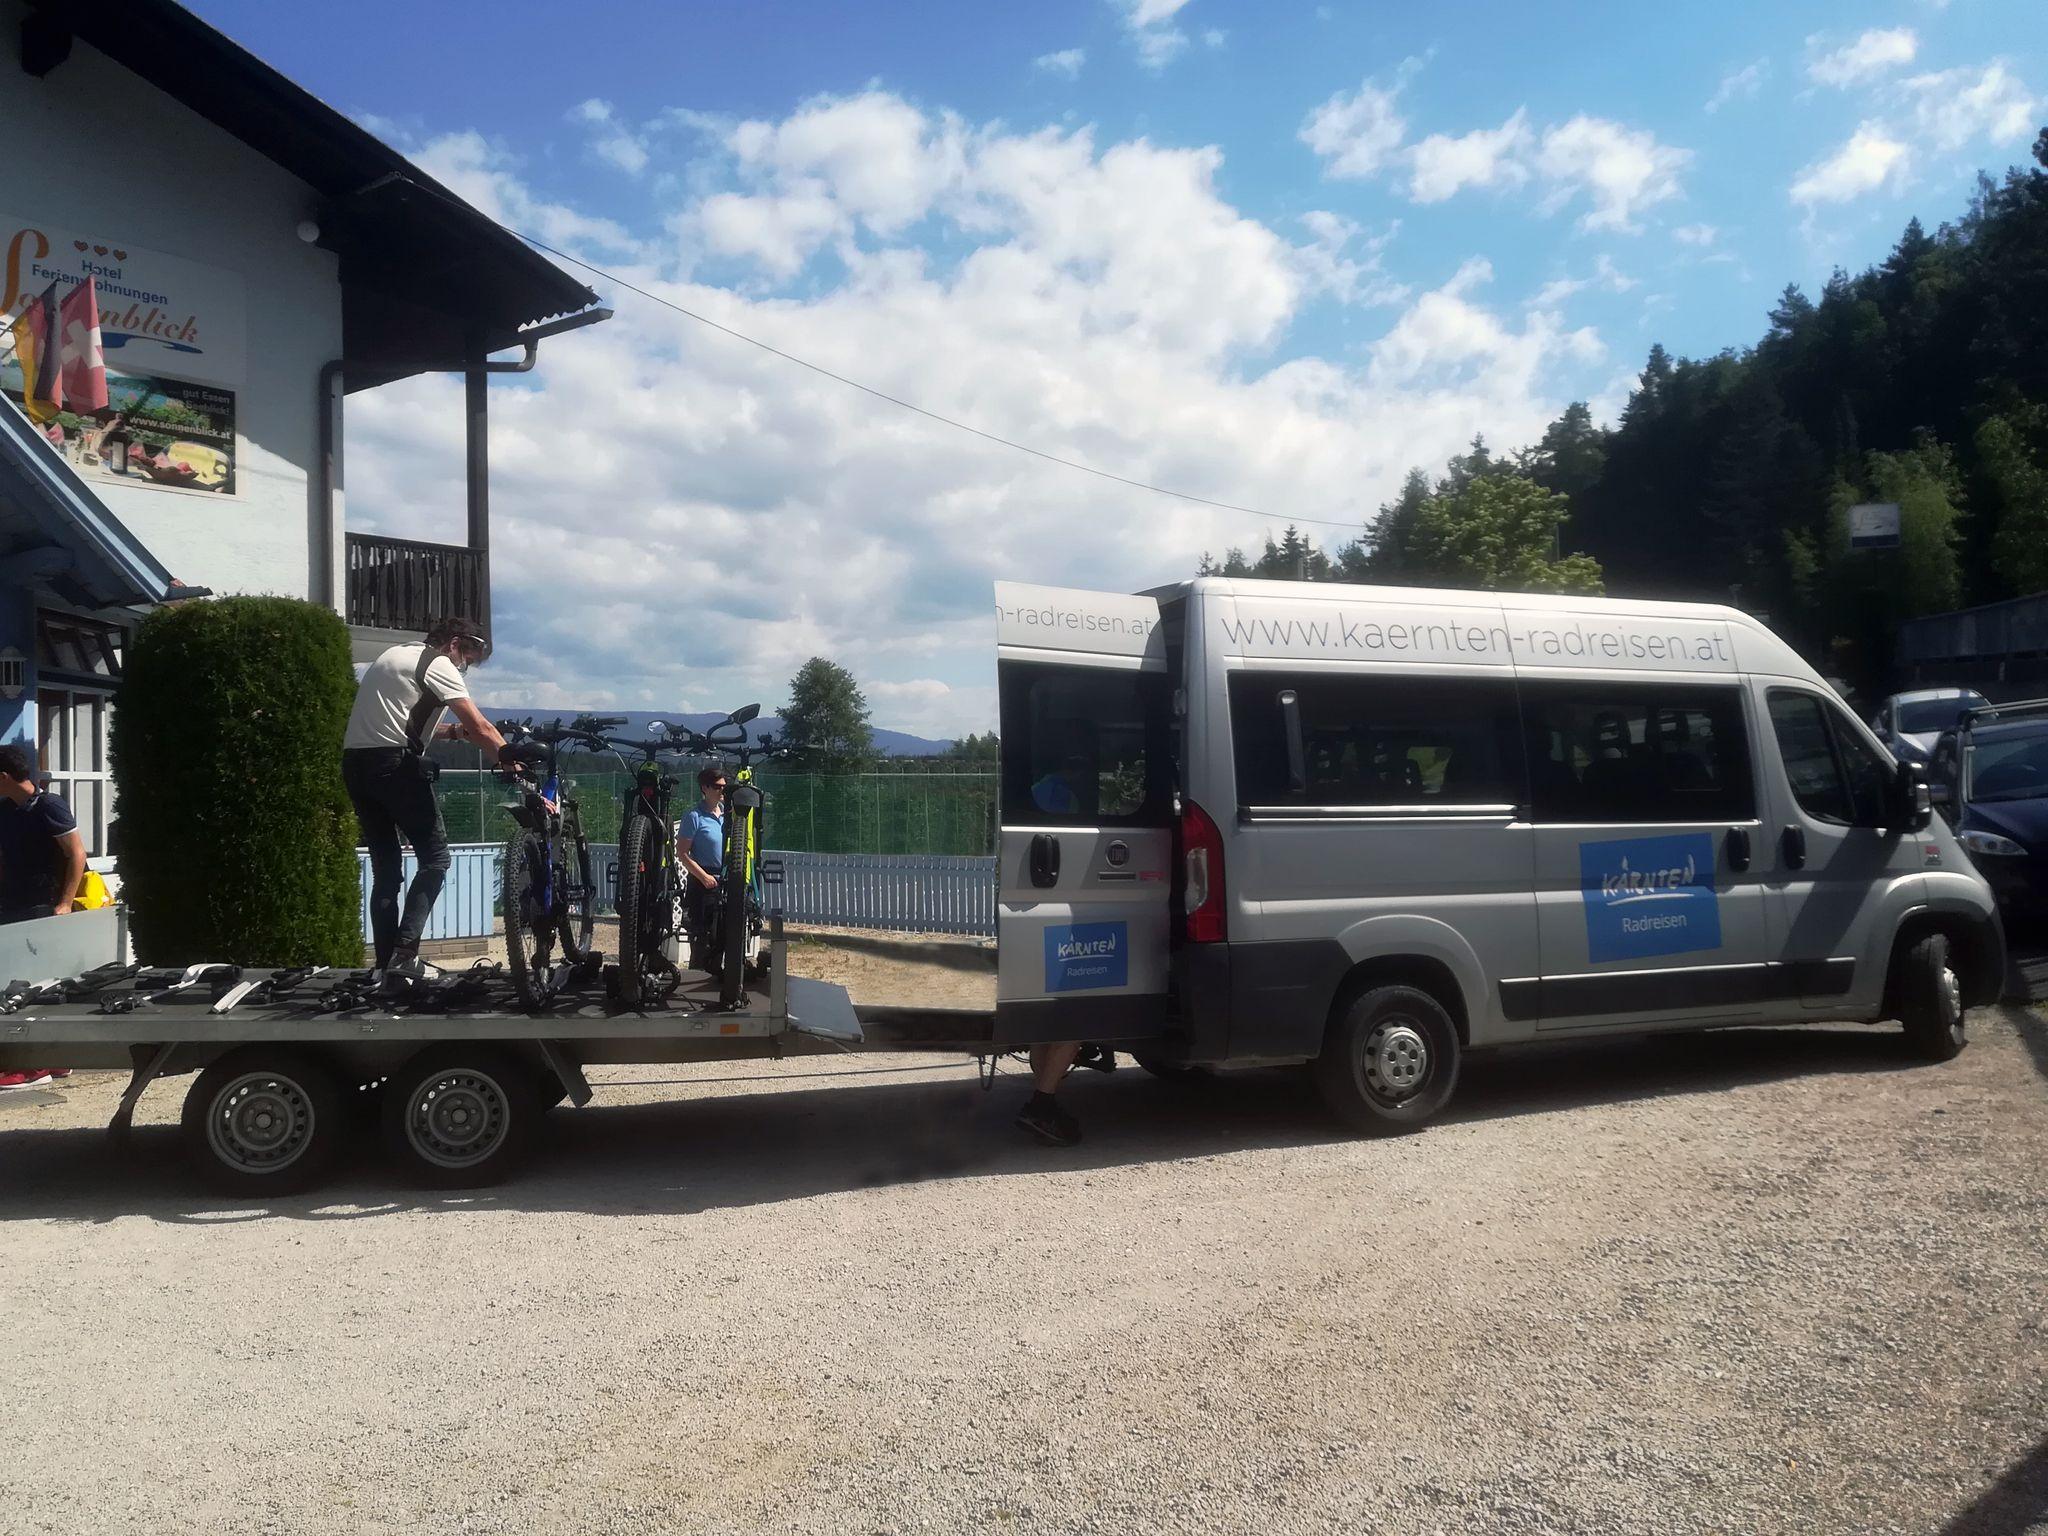 bequeme das Gepäck transportieren lassen - der Kärnten Radreisen Drauradwegbus